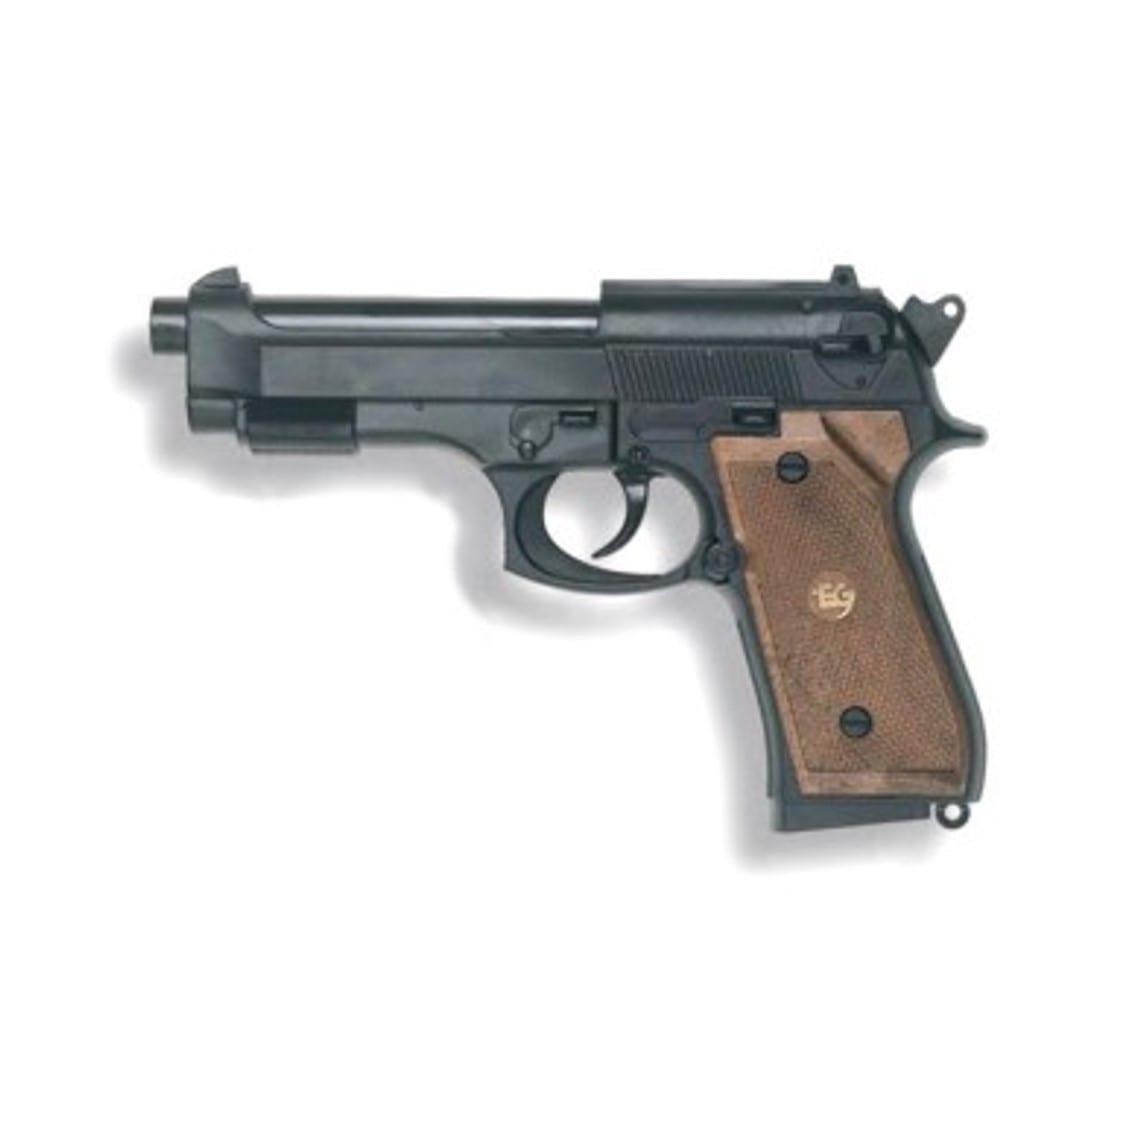 אקדח פיקות פרבלום לפורים